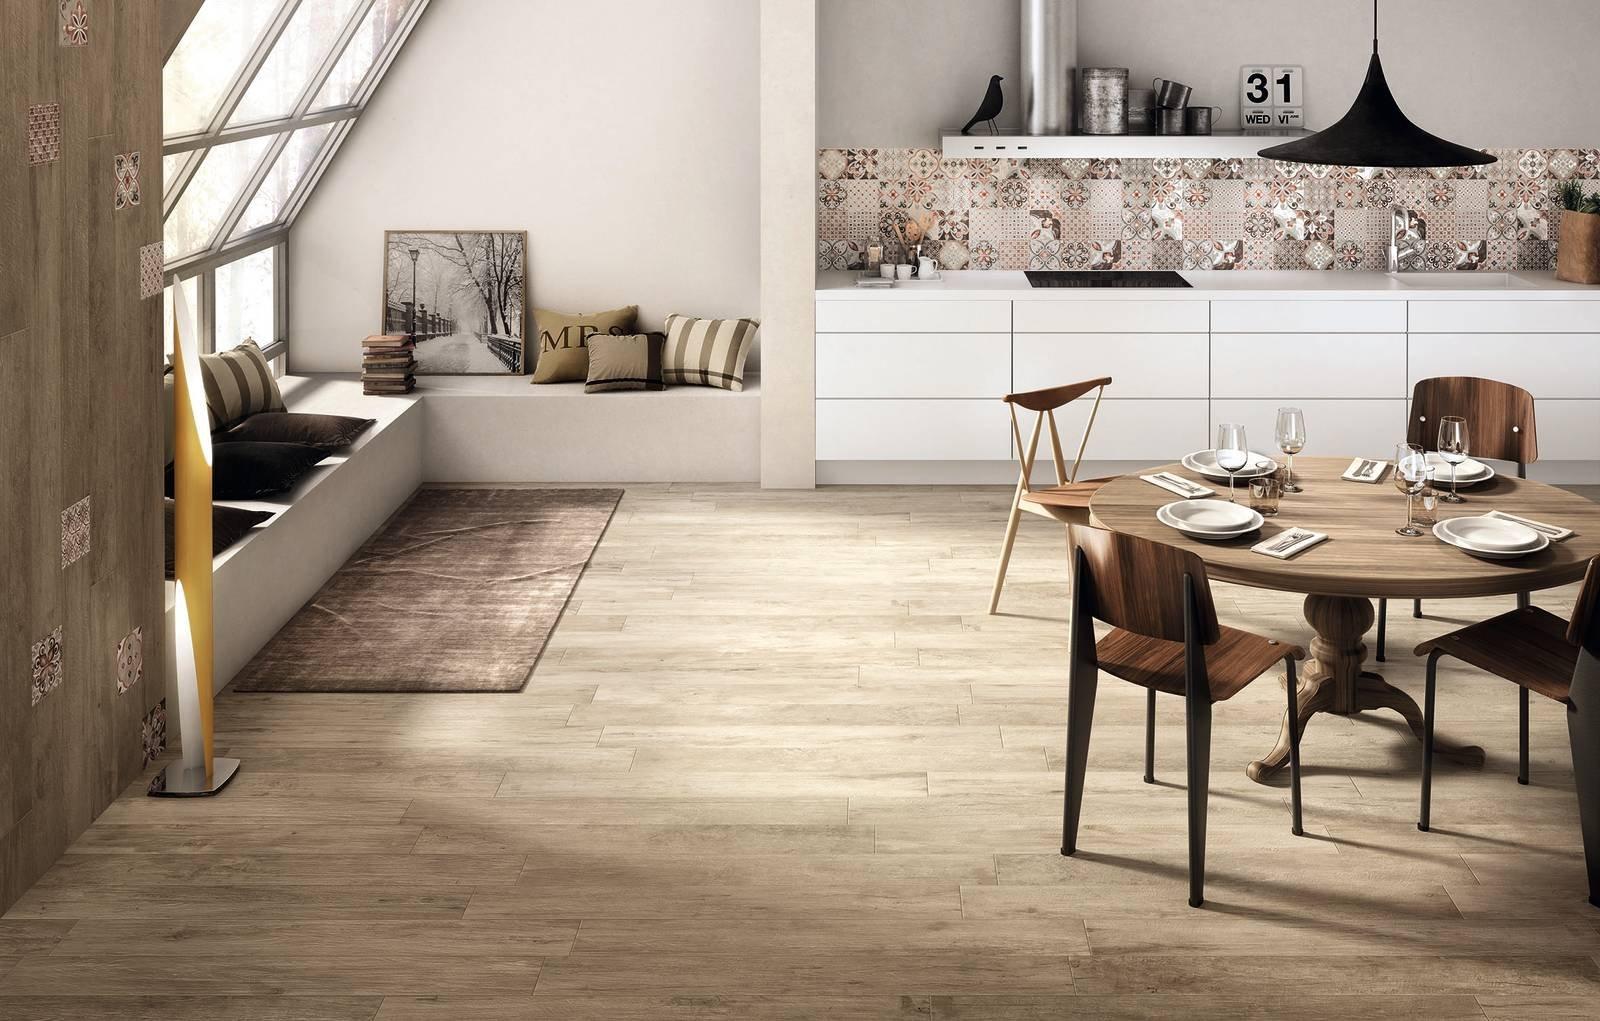 Come abbinare pavimento e rivestimento 5 soluzioni da copiare cose di casa - Soluzioni no piastrelle cucina ...